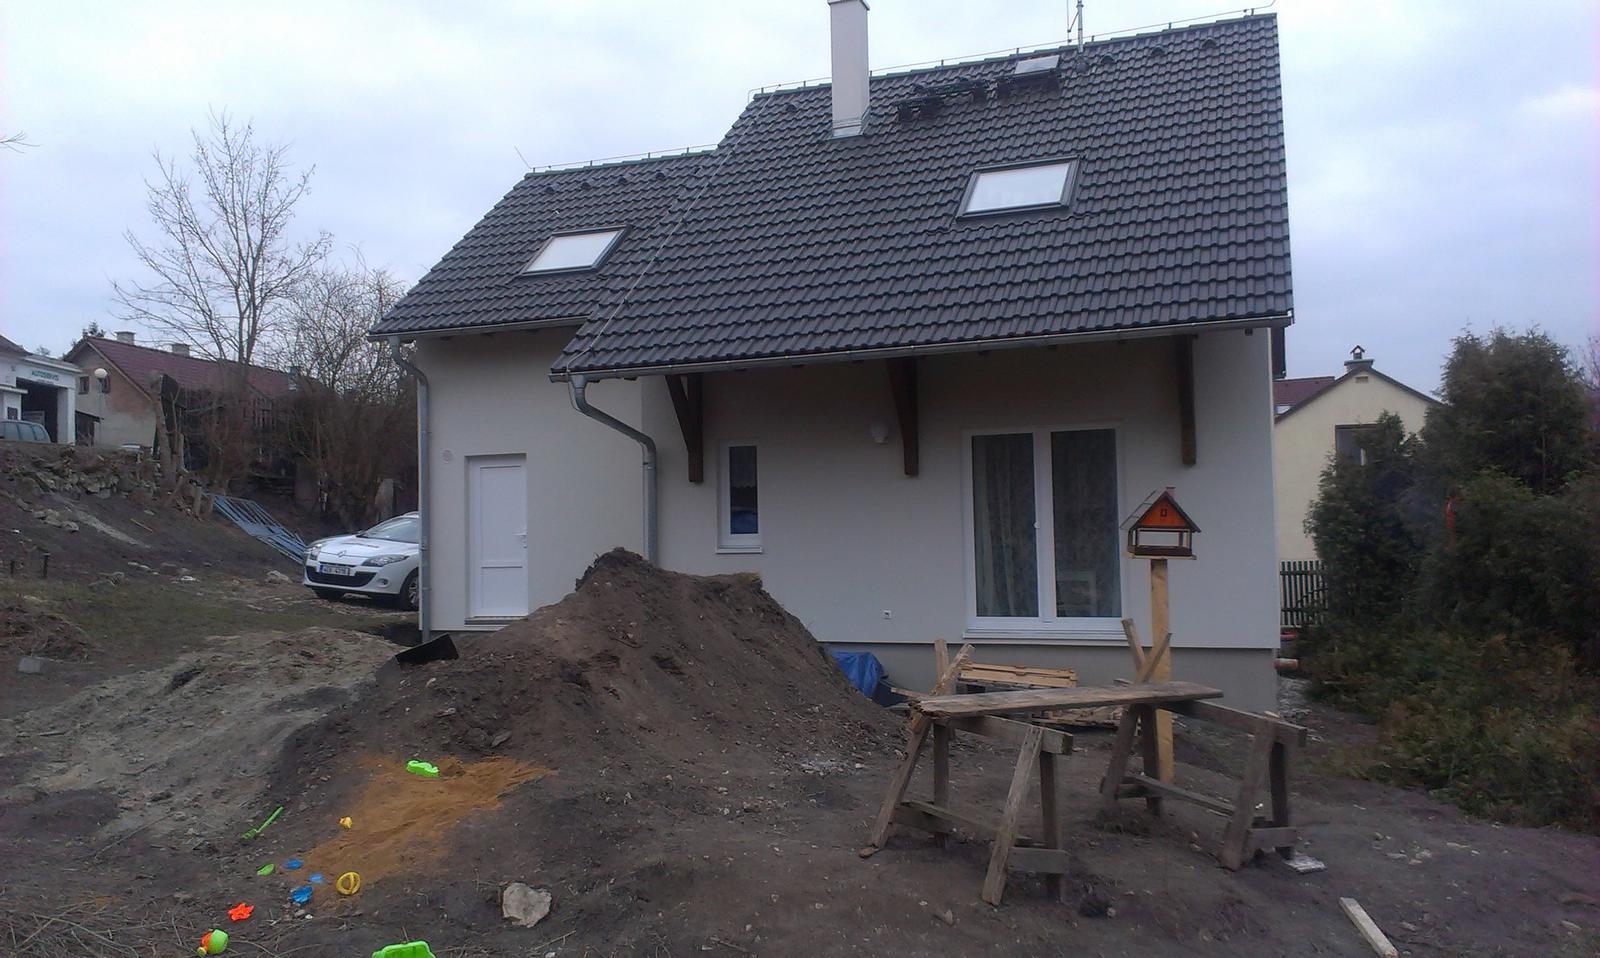 Záhrada - březen 2013 - aktuálny stav pozemku